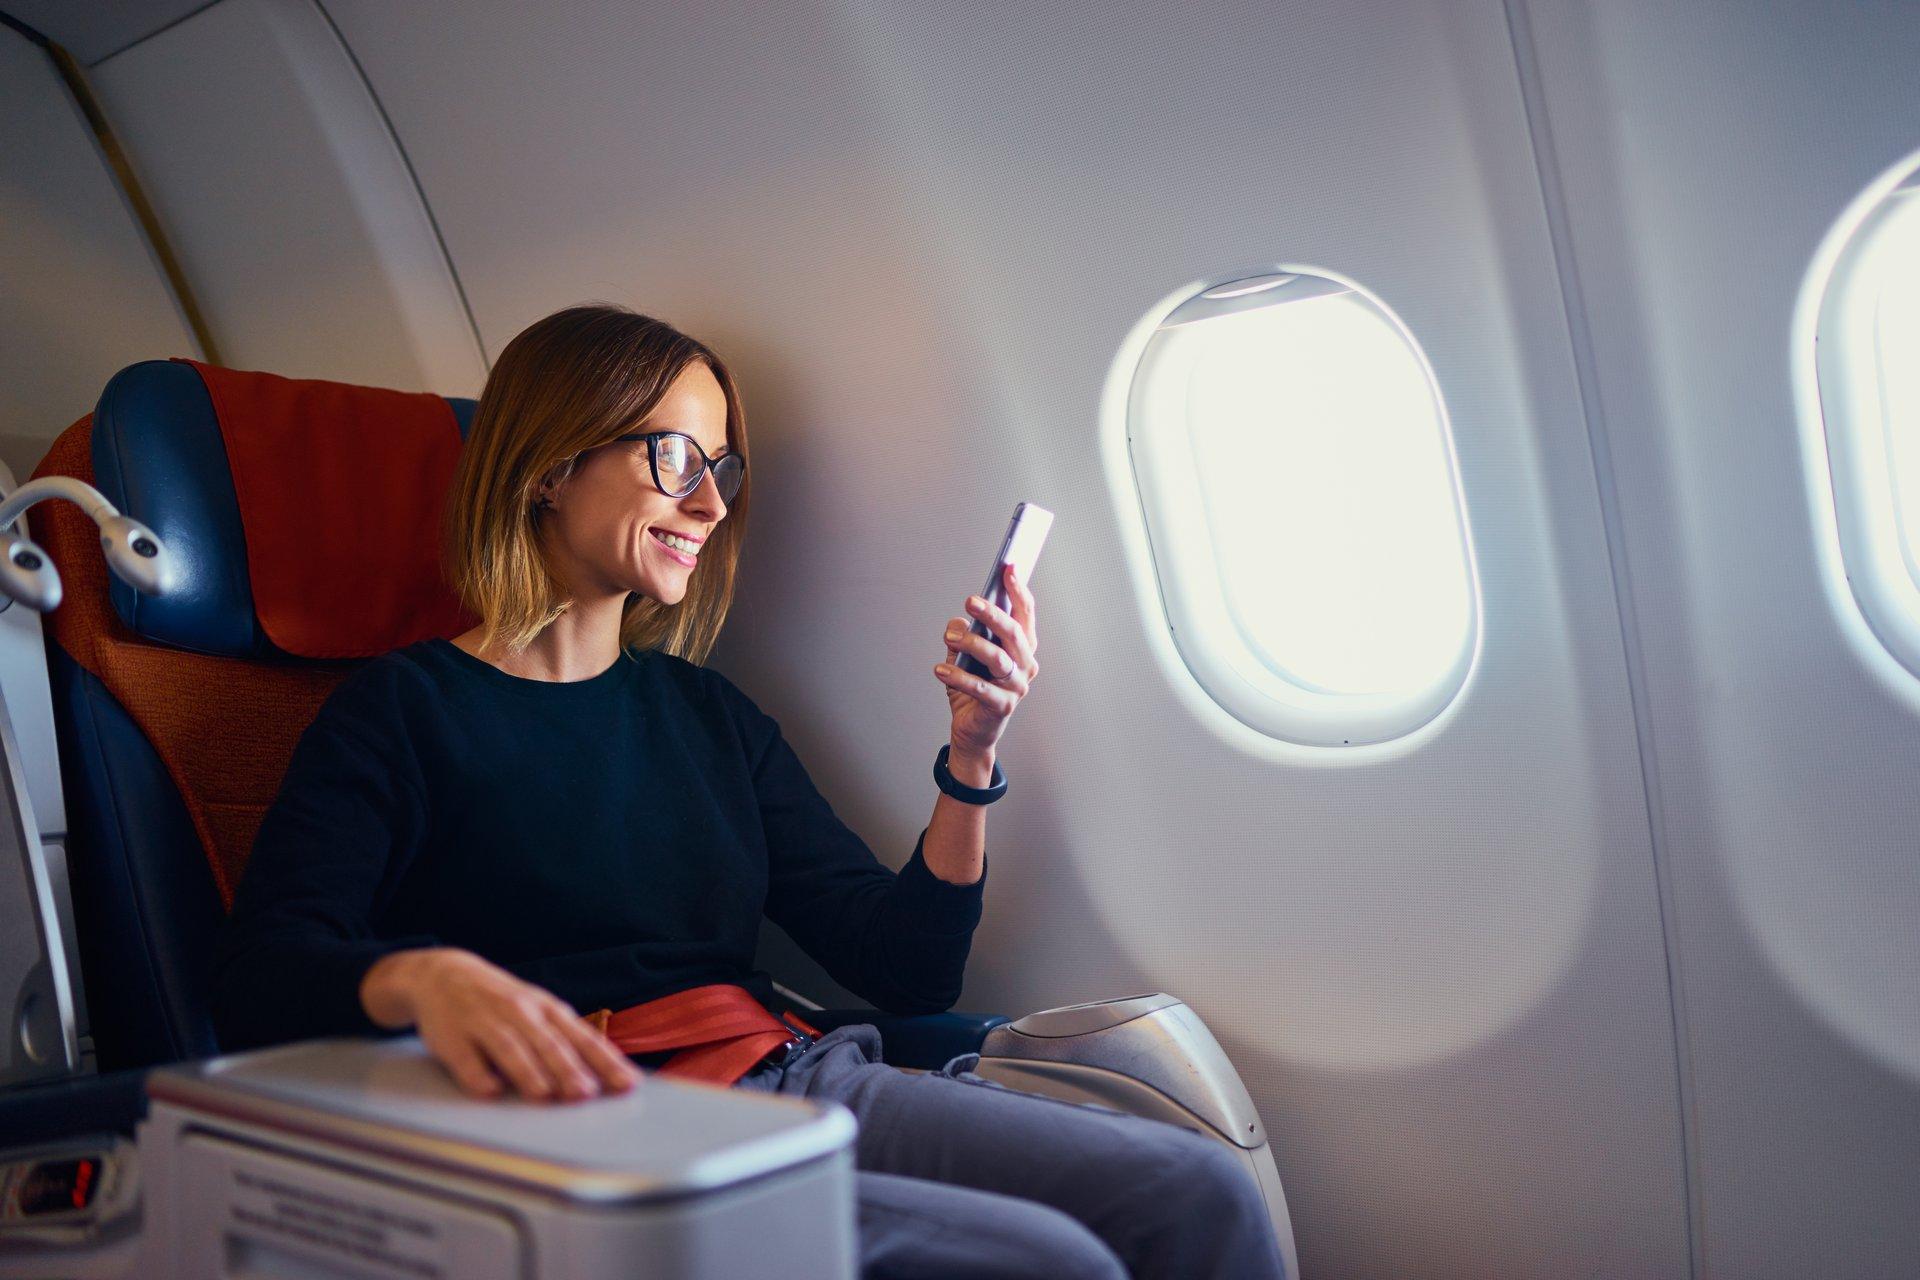 business class passenger